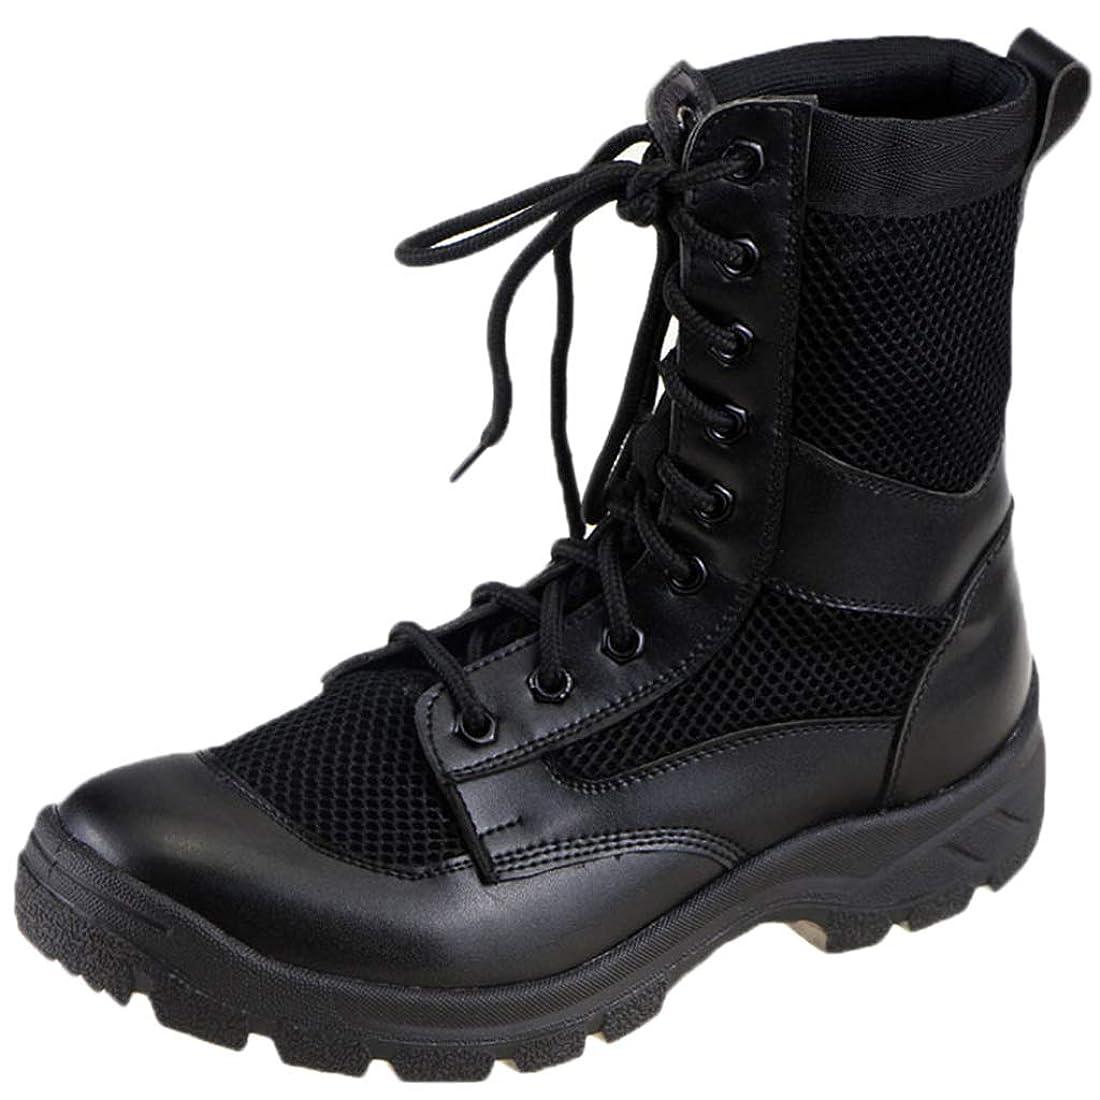 喜んでチャットまどろみのあるメンズ屋外軍事ブーツ砂漠の戦闘ブーツマーティンのレザーブーツ警察特殊部隊のブーツ労働安全タクティカルブーツ